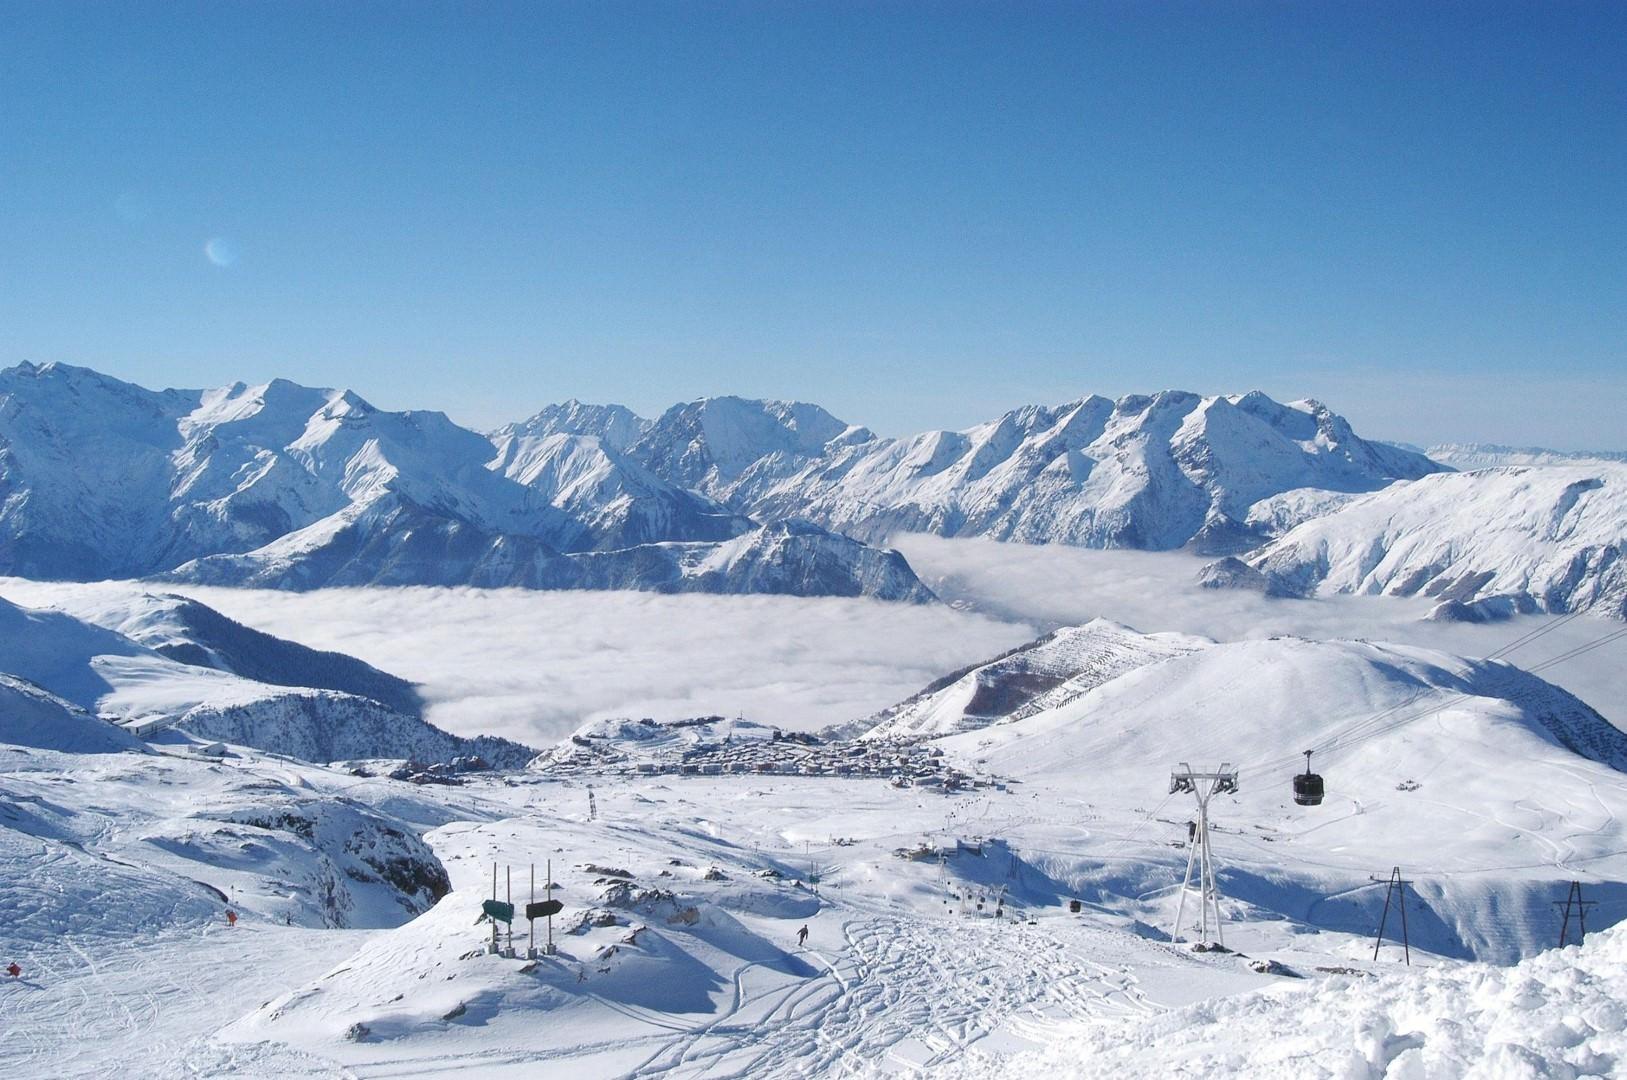 Skifahren über Weihnachten 2019.Skiurlaub Frankreich 2019 Ferienwohnungen Frankreich 2020